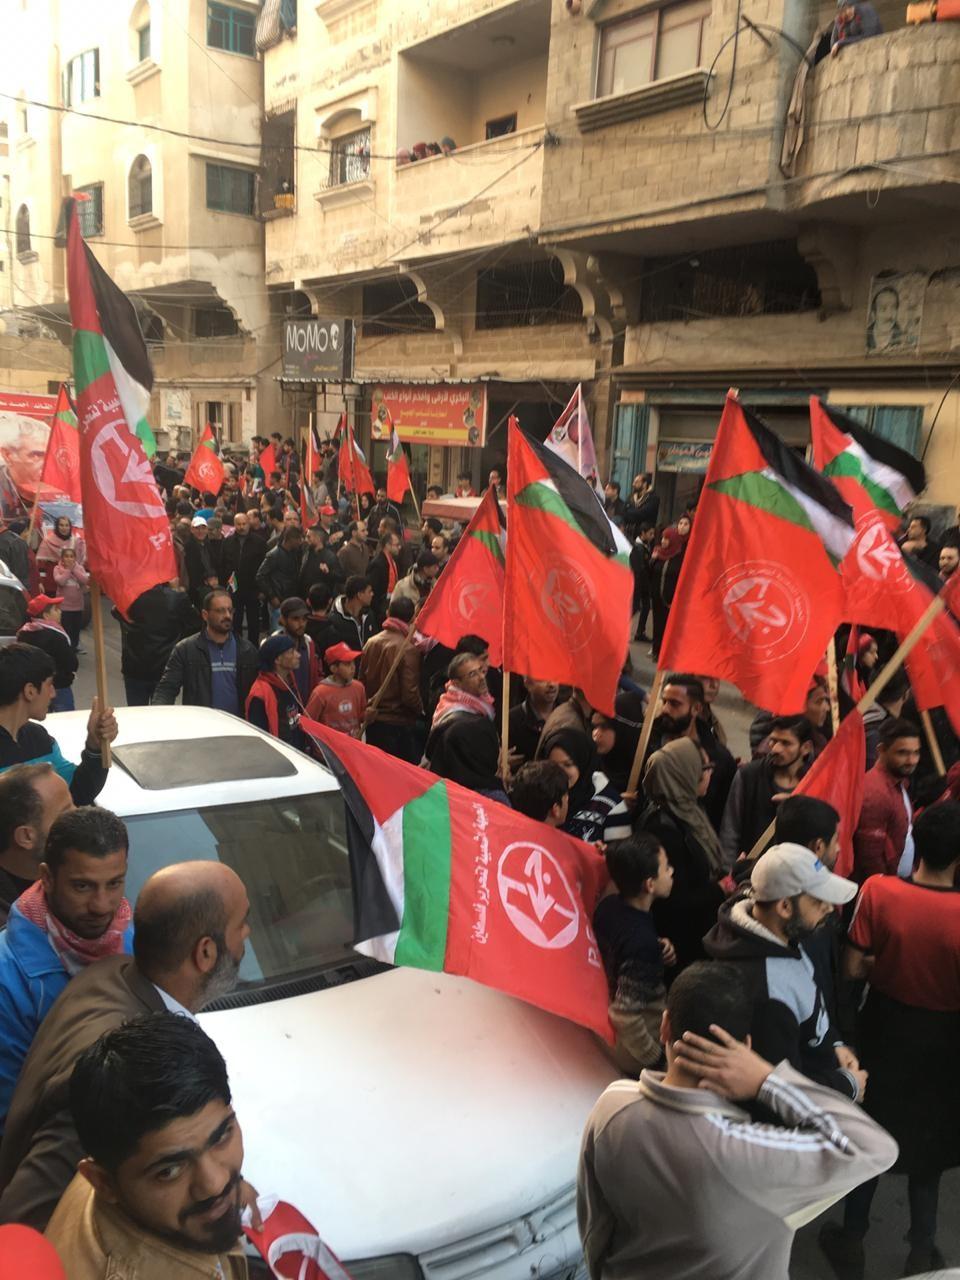 احياء ذكرى اطلاقة الجبهة الشعبية في مدينة غزة  (8).jpg